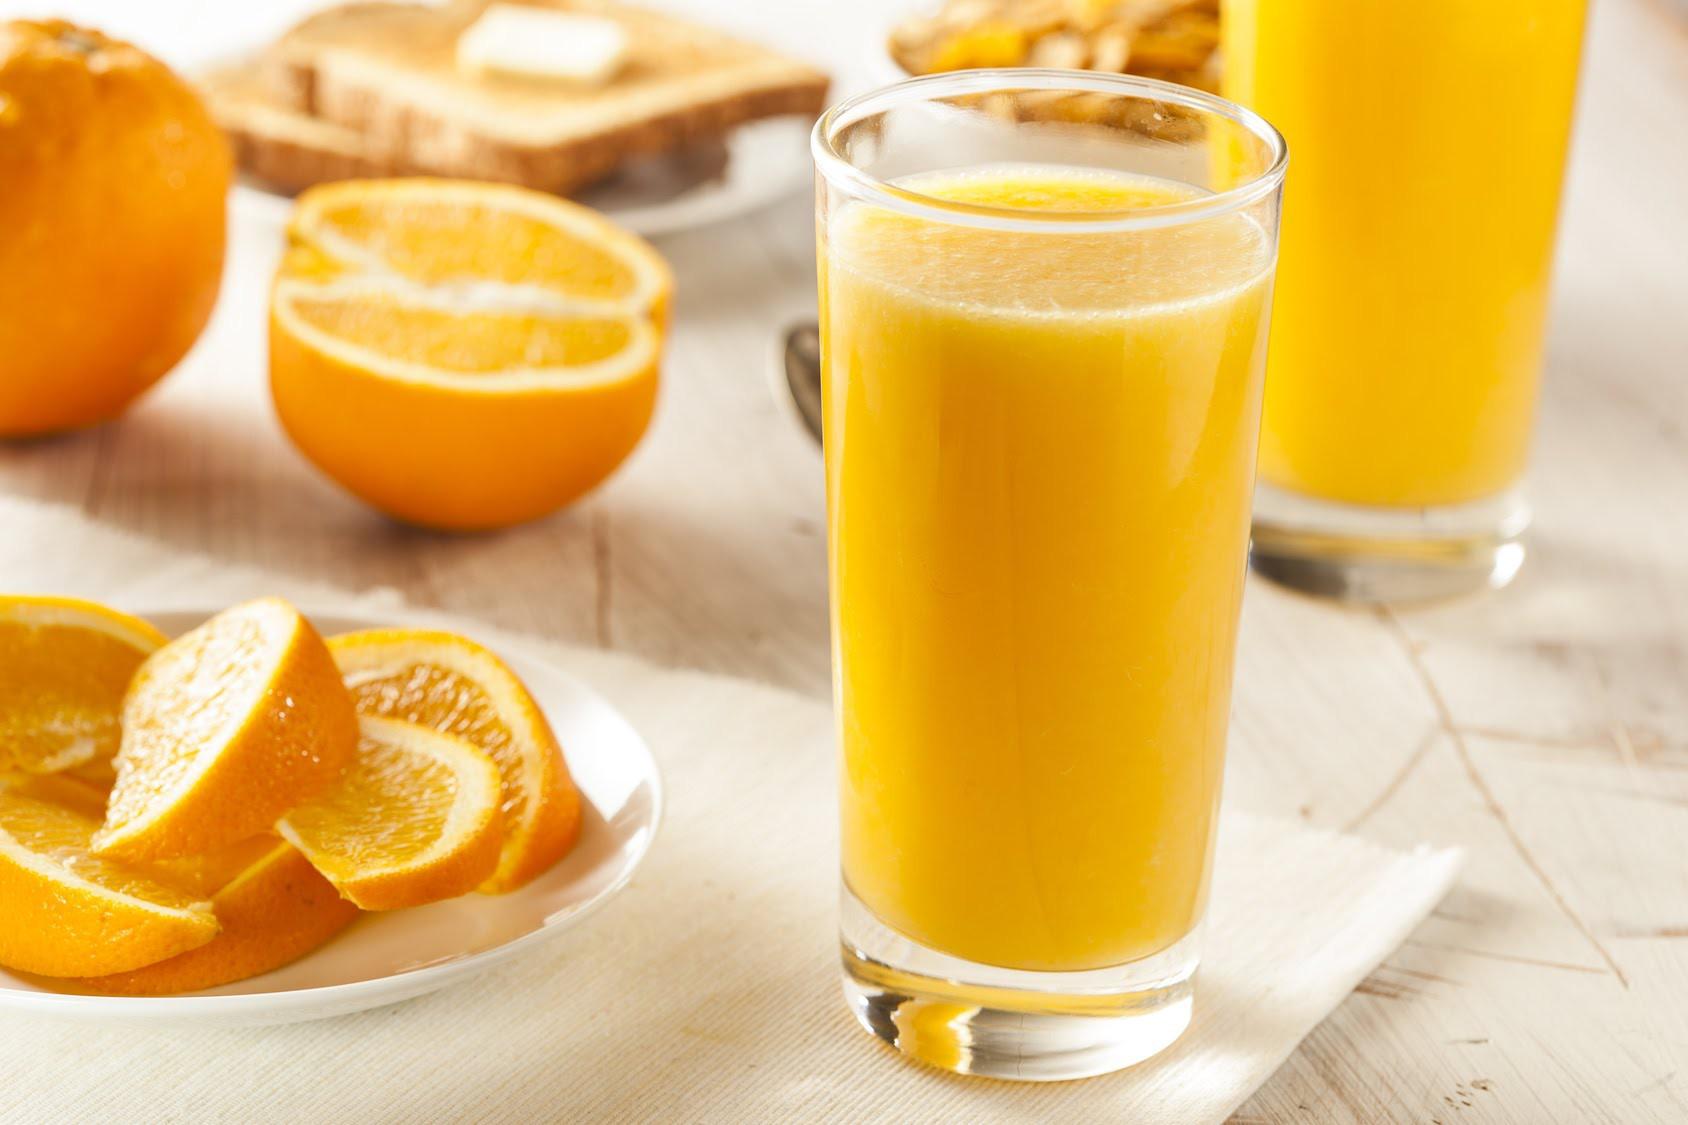 Chuyên gia sức khỏe khuyên không nên dùng 6 thực phẩm này vào tối muộn để tránh ảnh hưởng sức khỏe - Ảnh 5.